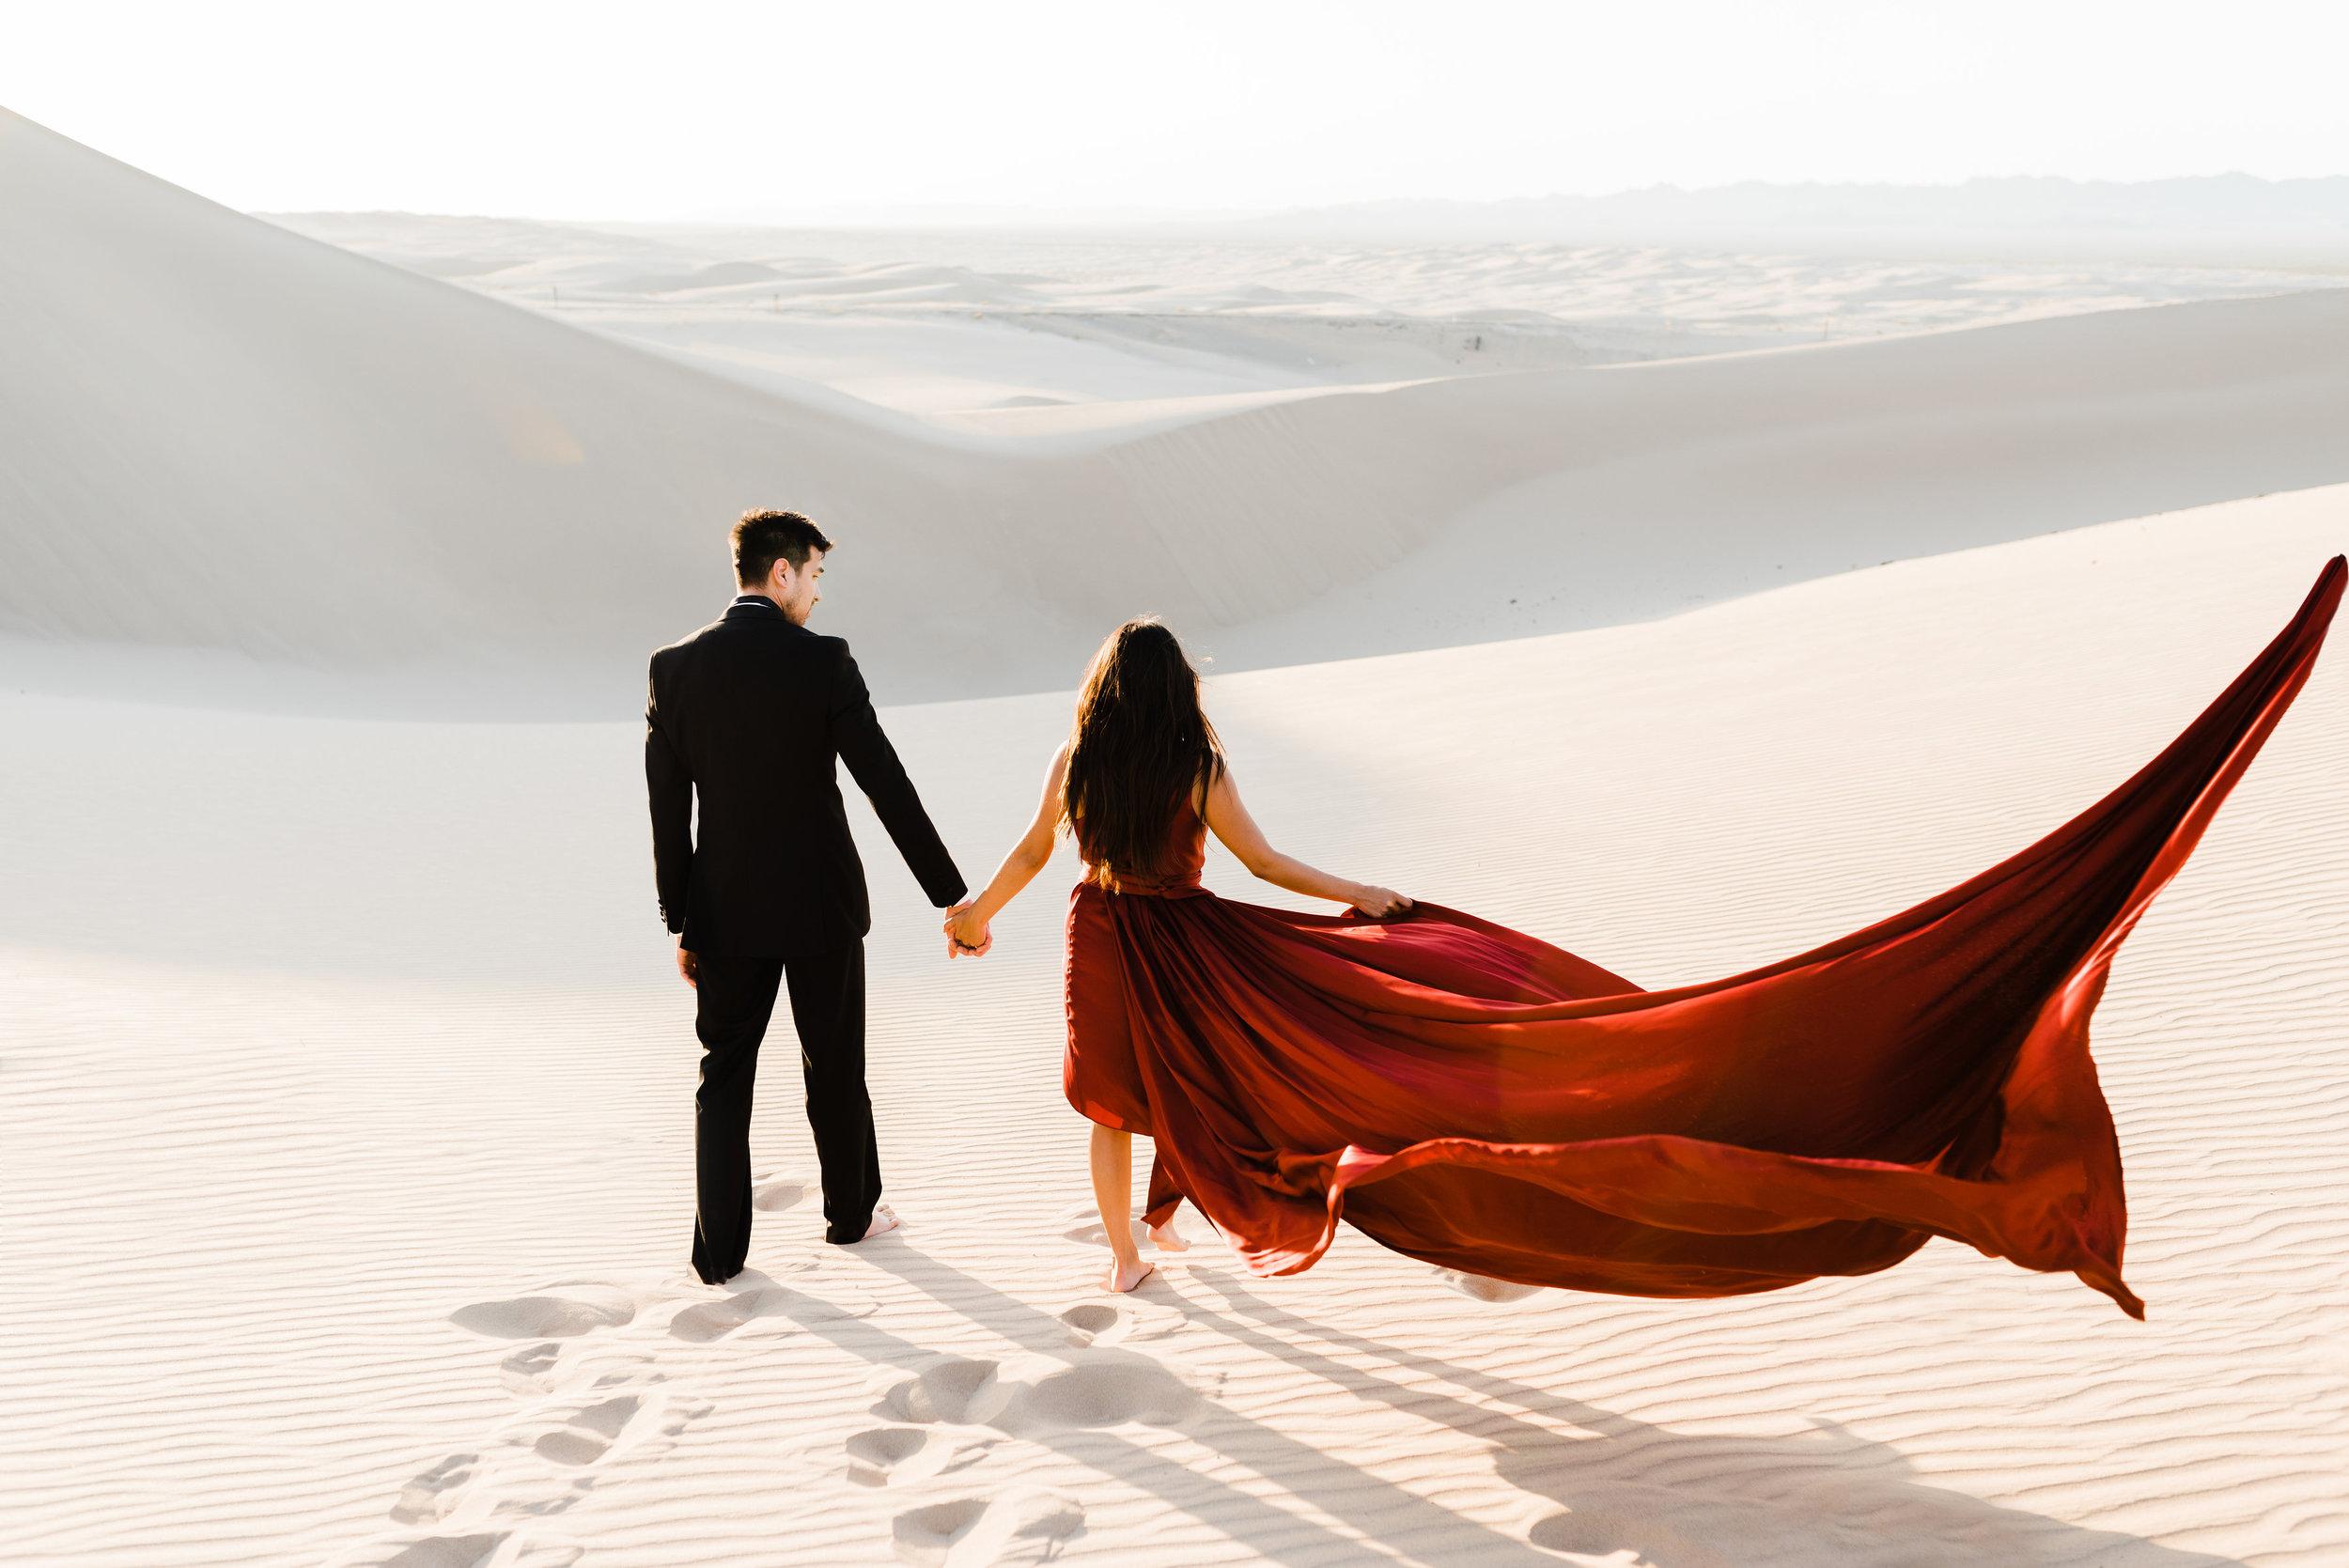 Custom wedding dress designer red 25.jpg